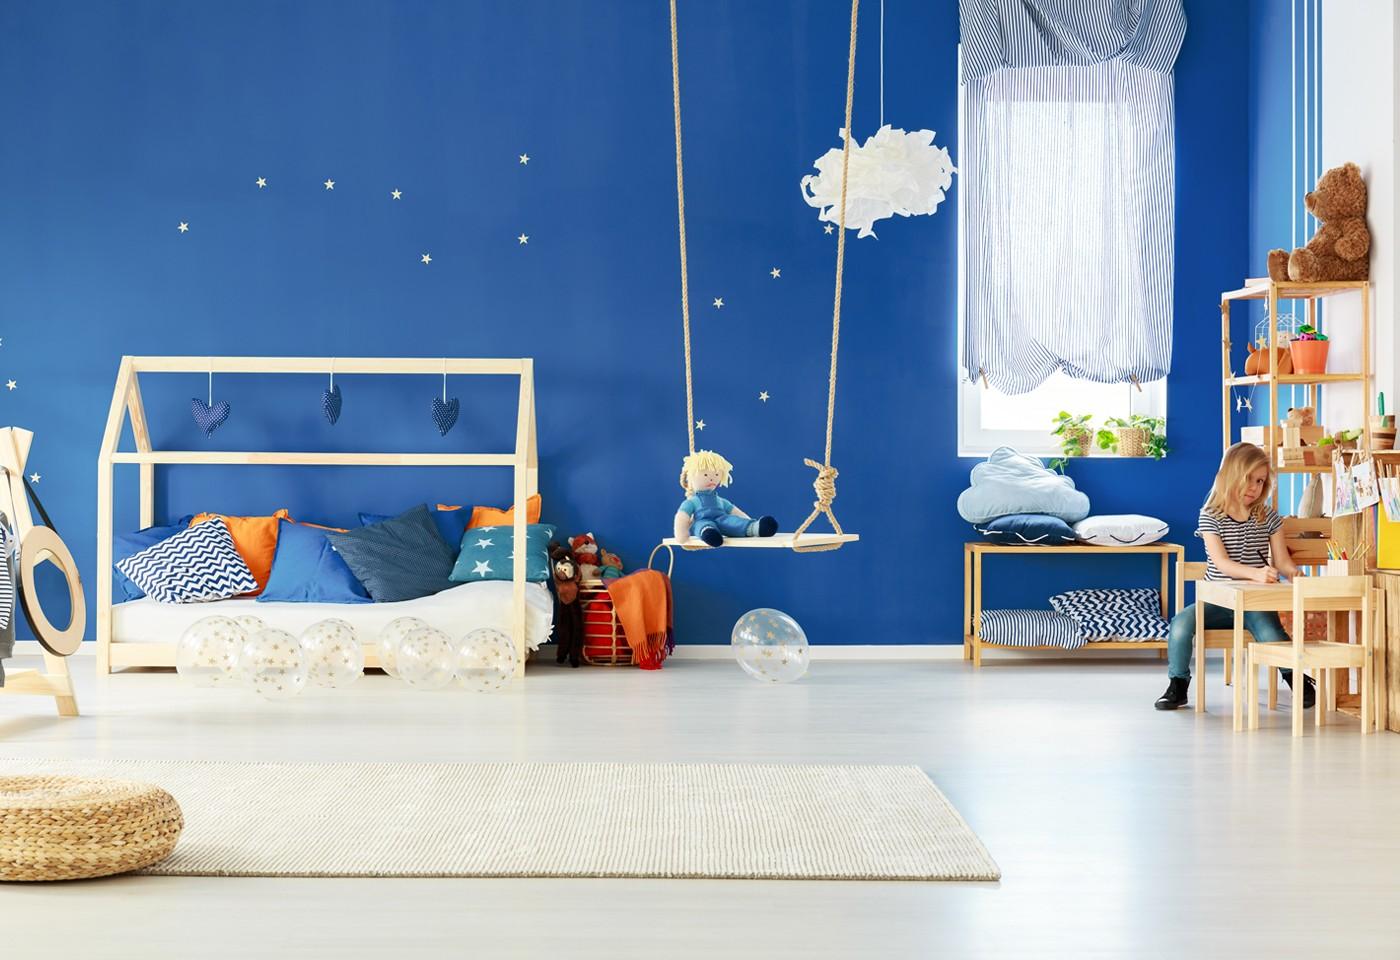 Idee Pittura Cameretta Bambina consigli per scegliere i colori per la cameretta del tuo bambino